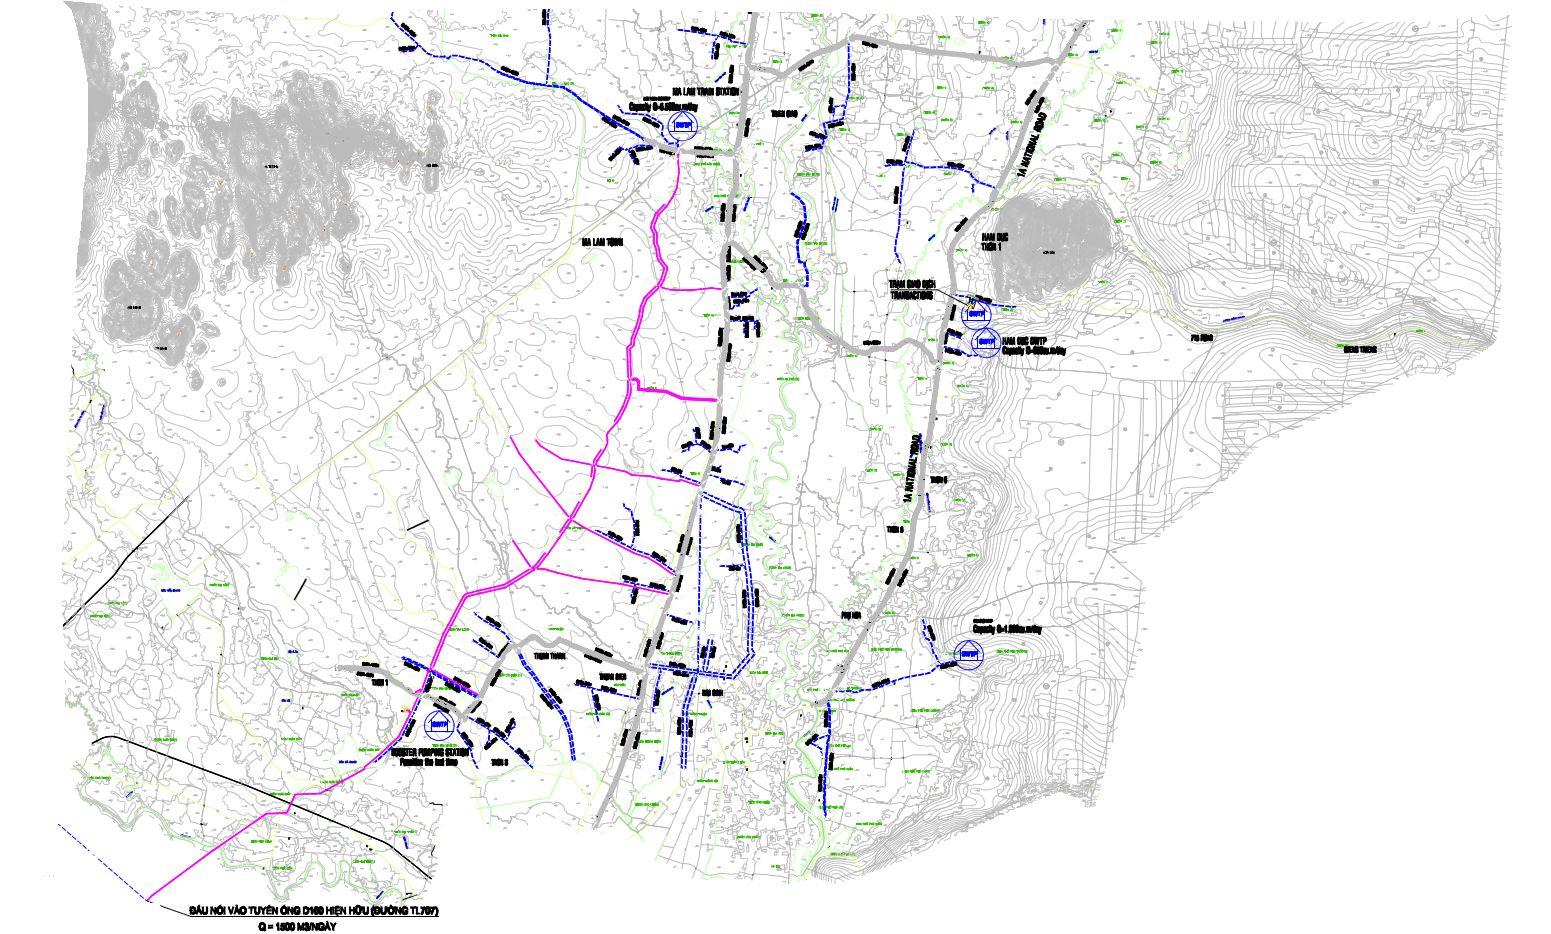 02-Planimetria-Ham-Thuan-Bac